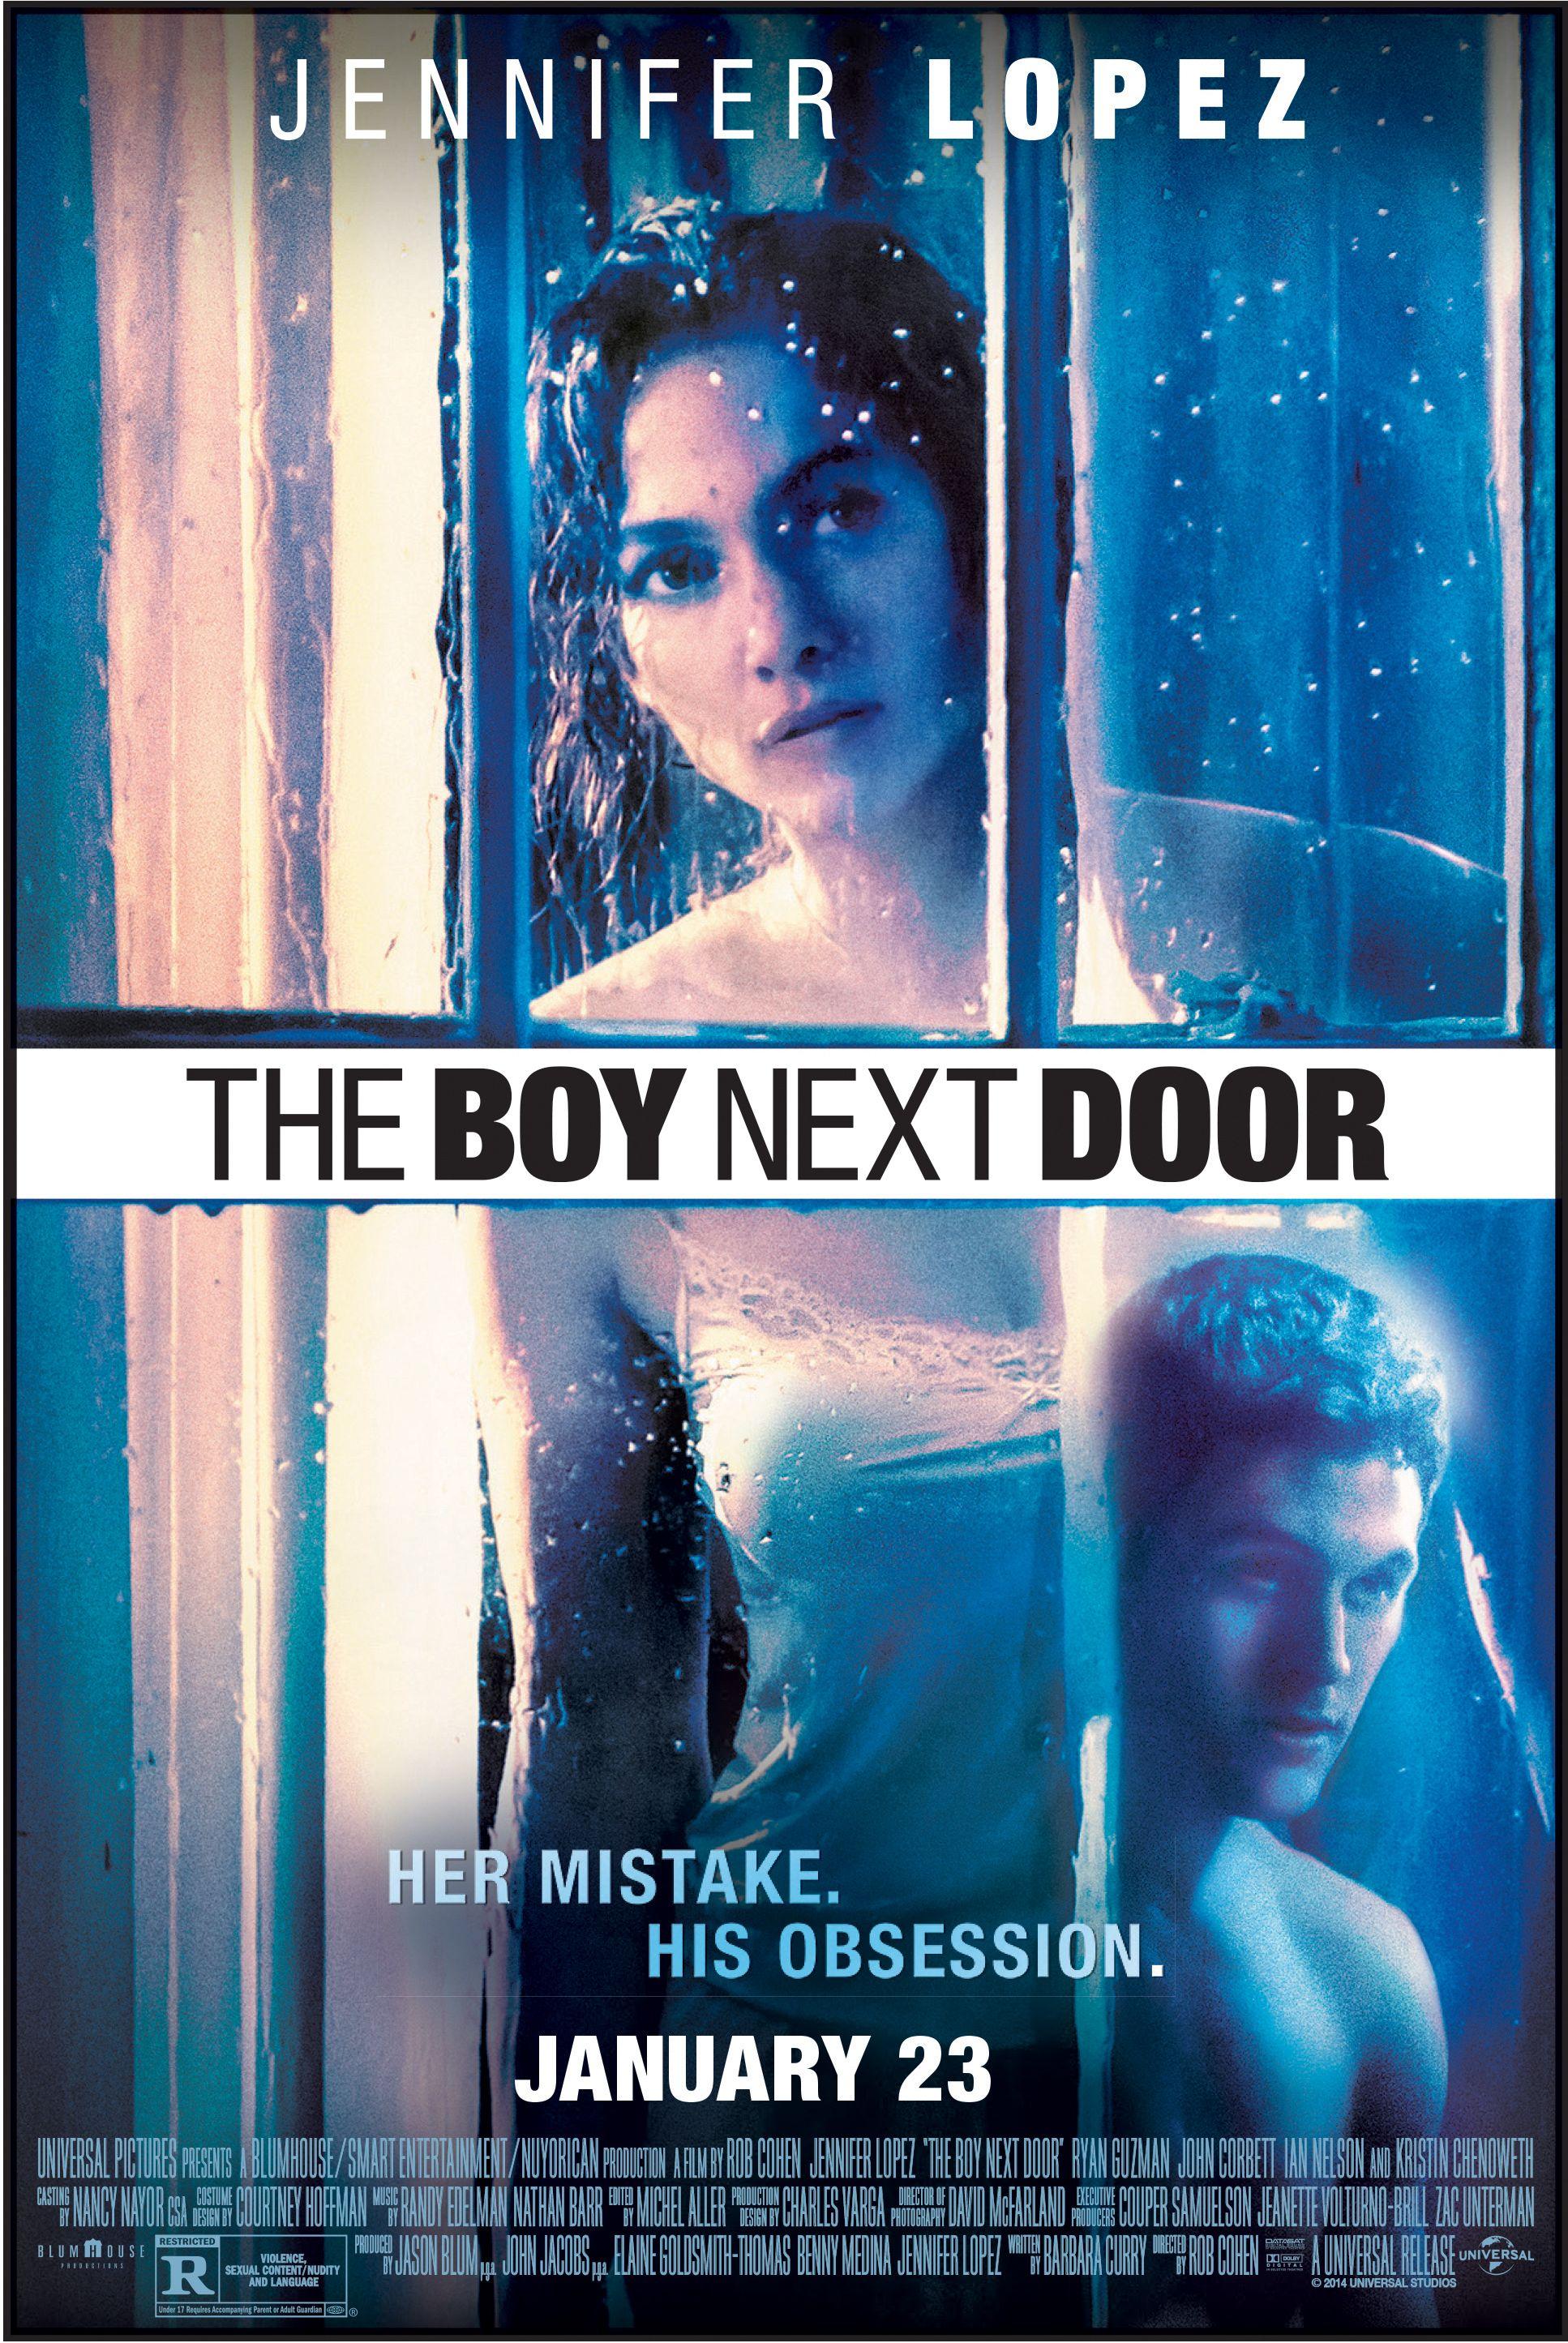 The Boy Next Door .Torrent | Free Movies Online  sc 1 st  Pinterest & The Boy Next Door .Torrent | Free Movies Online | Free Movie Torrent ...